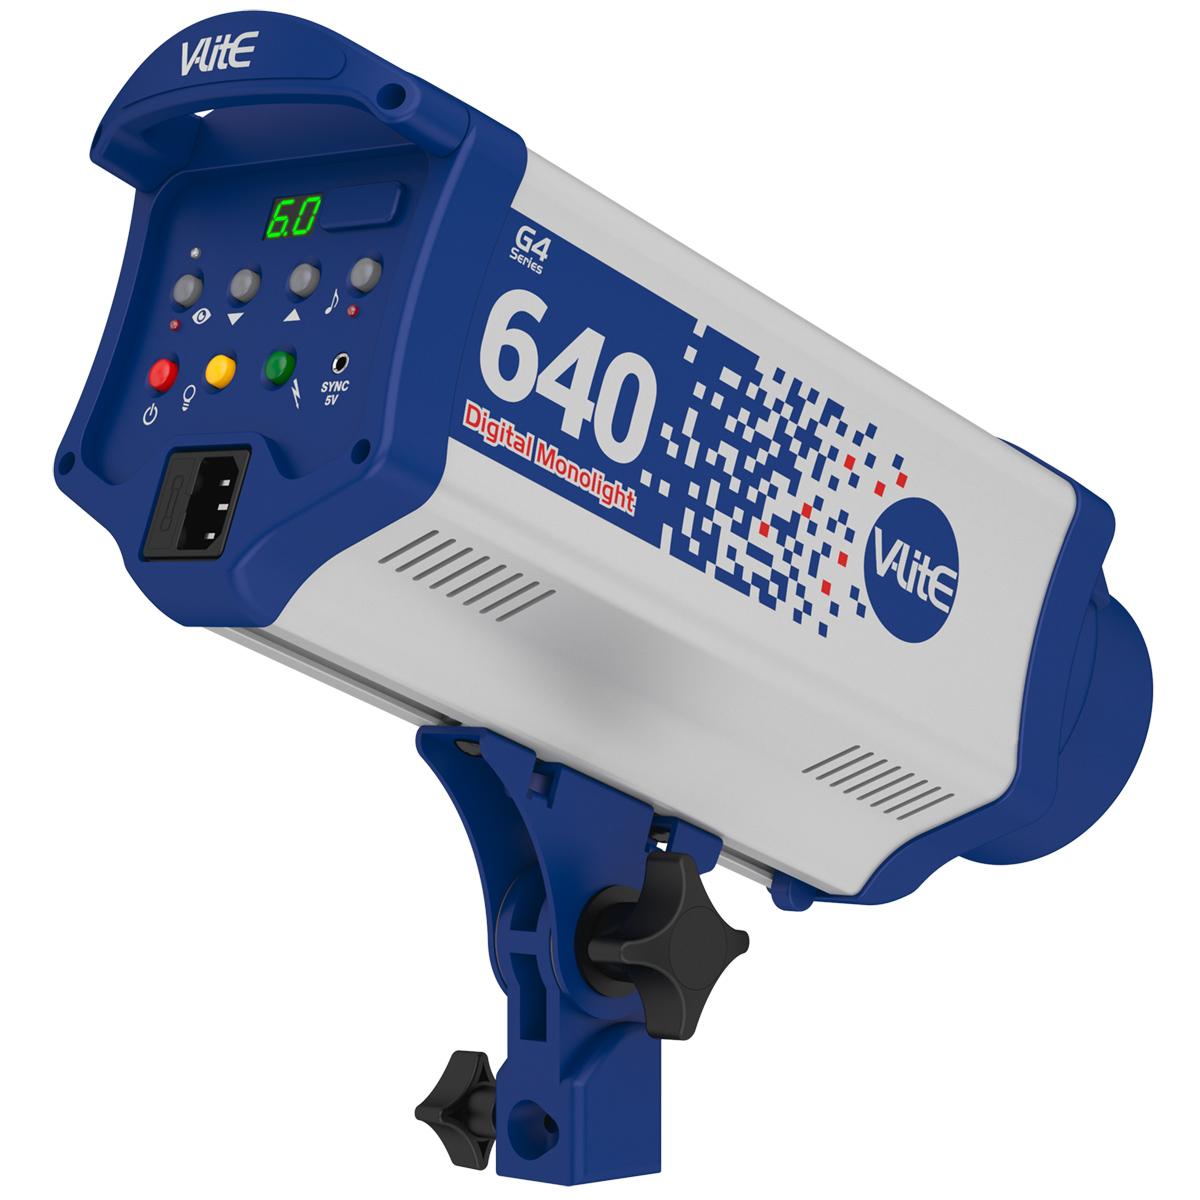 Flash V-Lite 640 G4